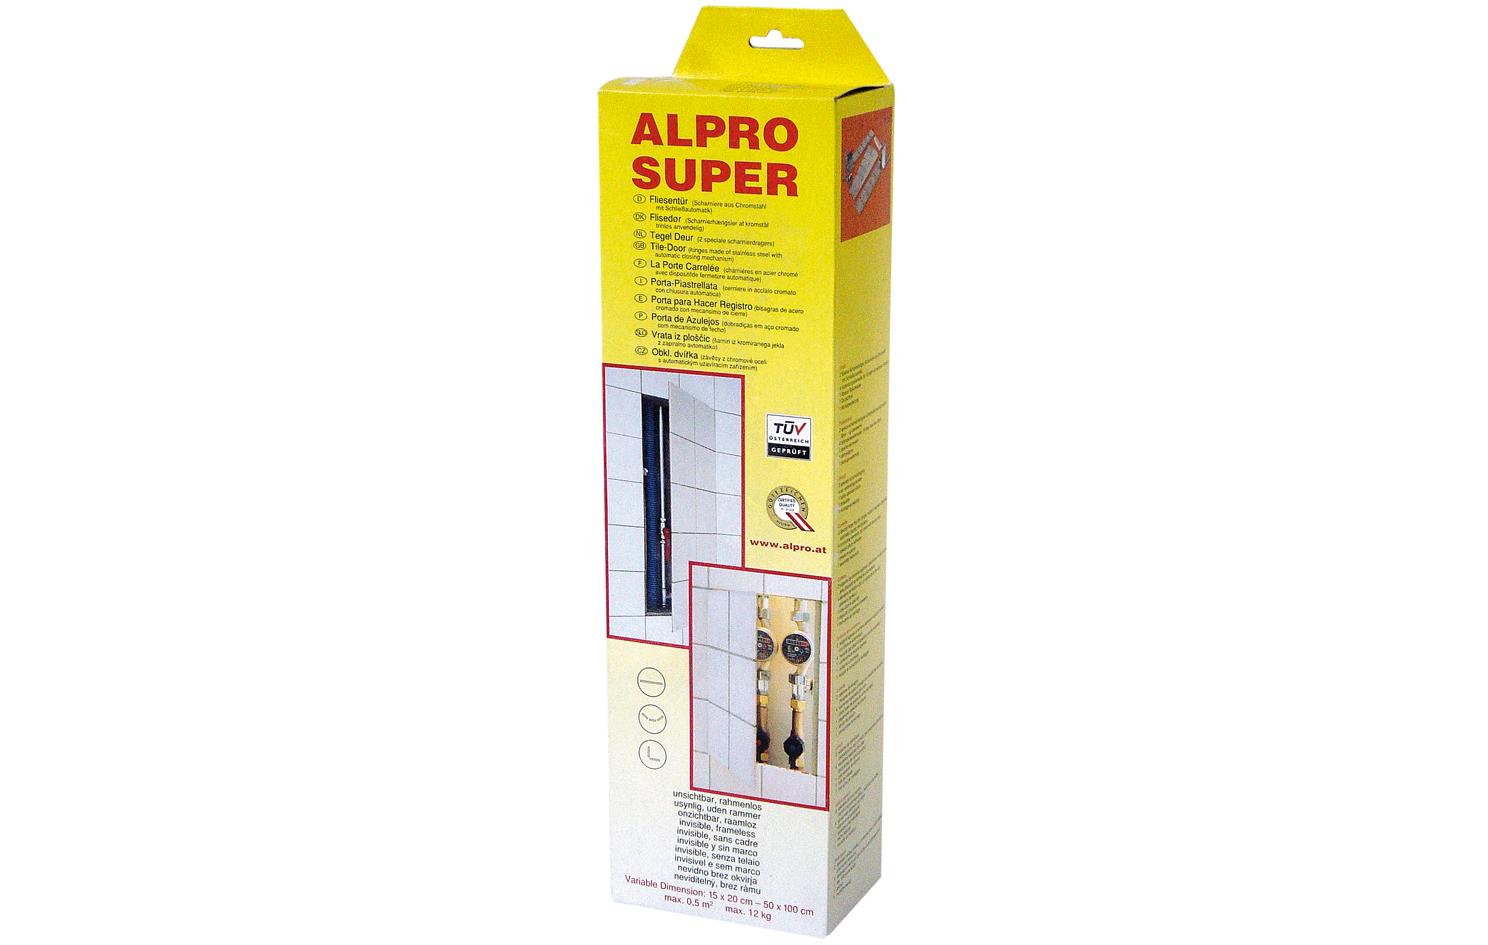 Super_Alpro_0602001.jpg